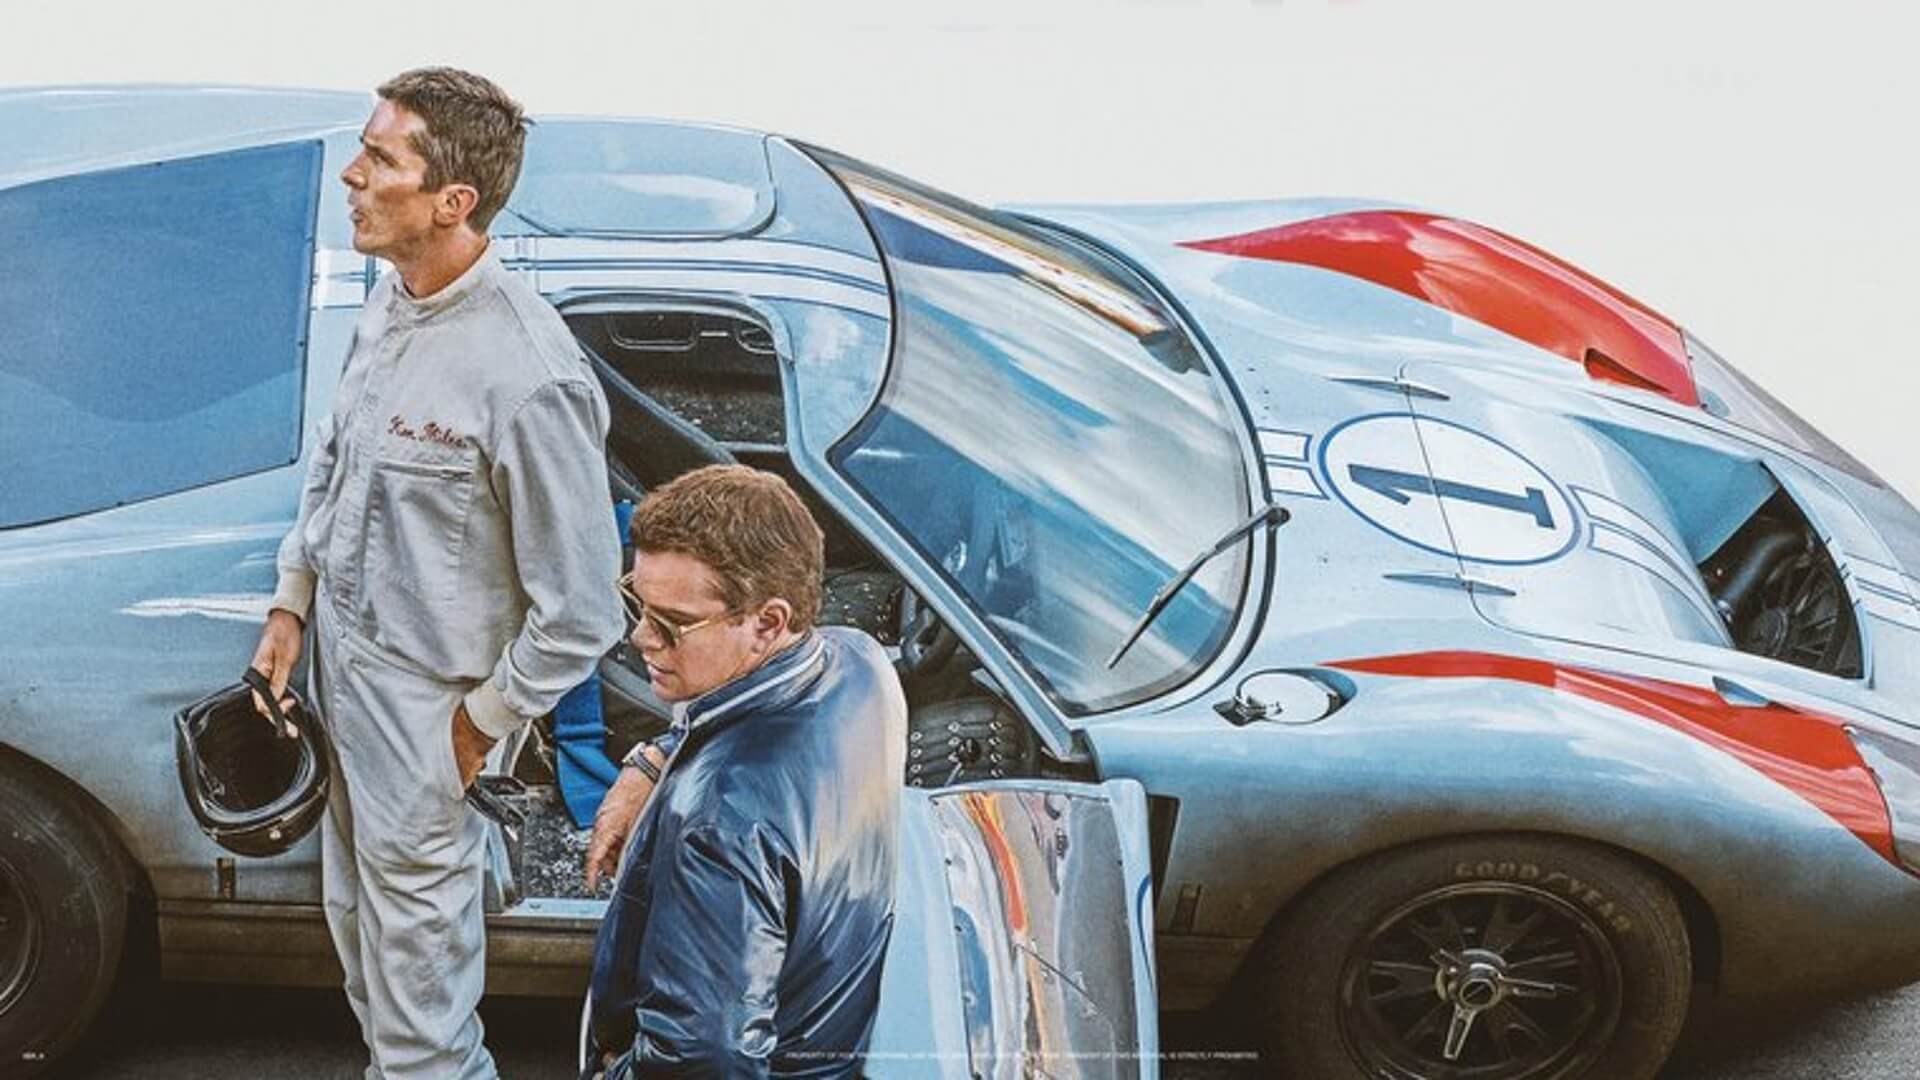 نقد فیلم فورد در برابر فراری Ford v Ferrari – تماشای چالش های حرفهای و شخصیتی